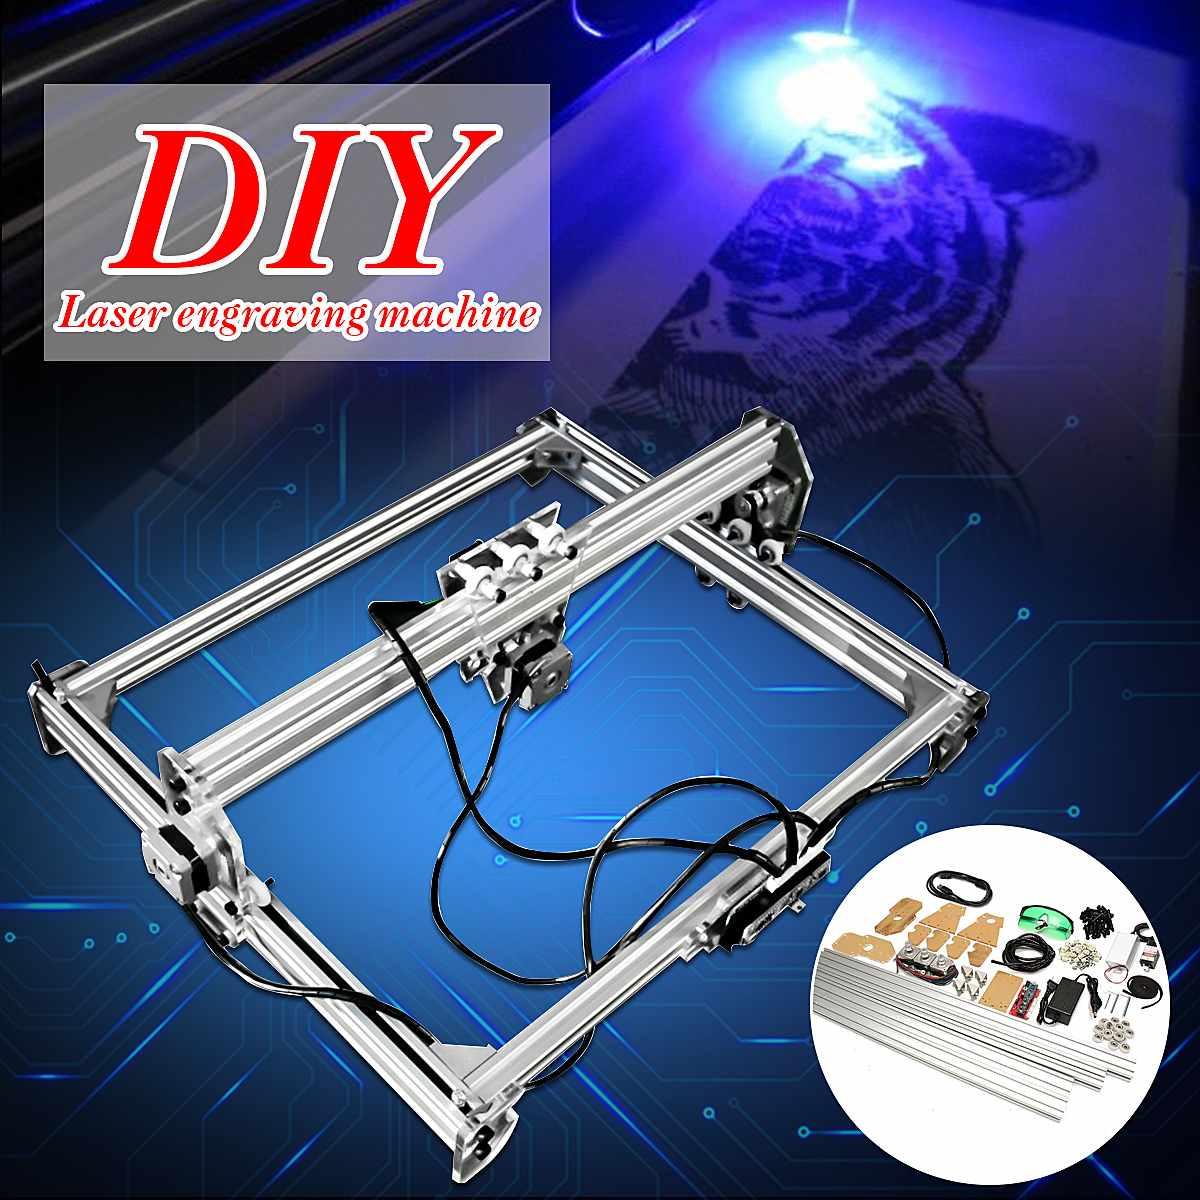 50*65cm 15W CNC Gravador Do Laser Máquina de Gravura Em Metal/Router De Madeira/DIY Cortador 2 axis Gravador Área De Trabalho do Cortador A Laser +